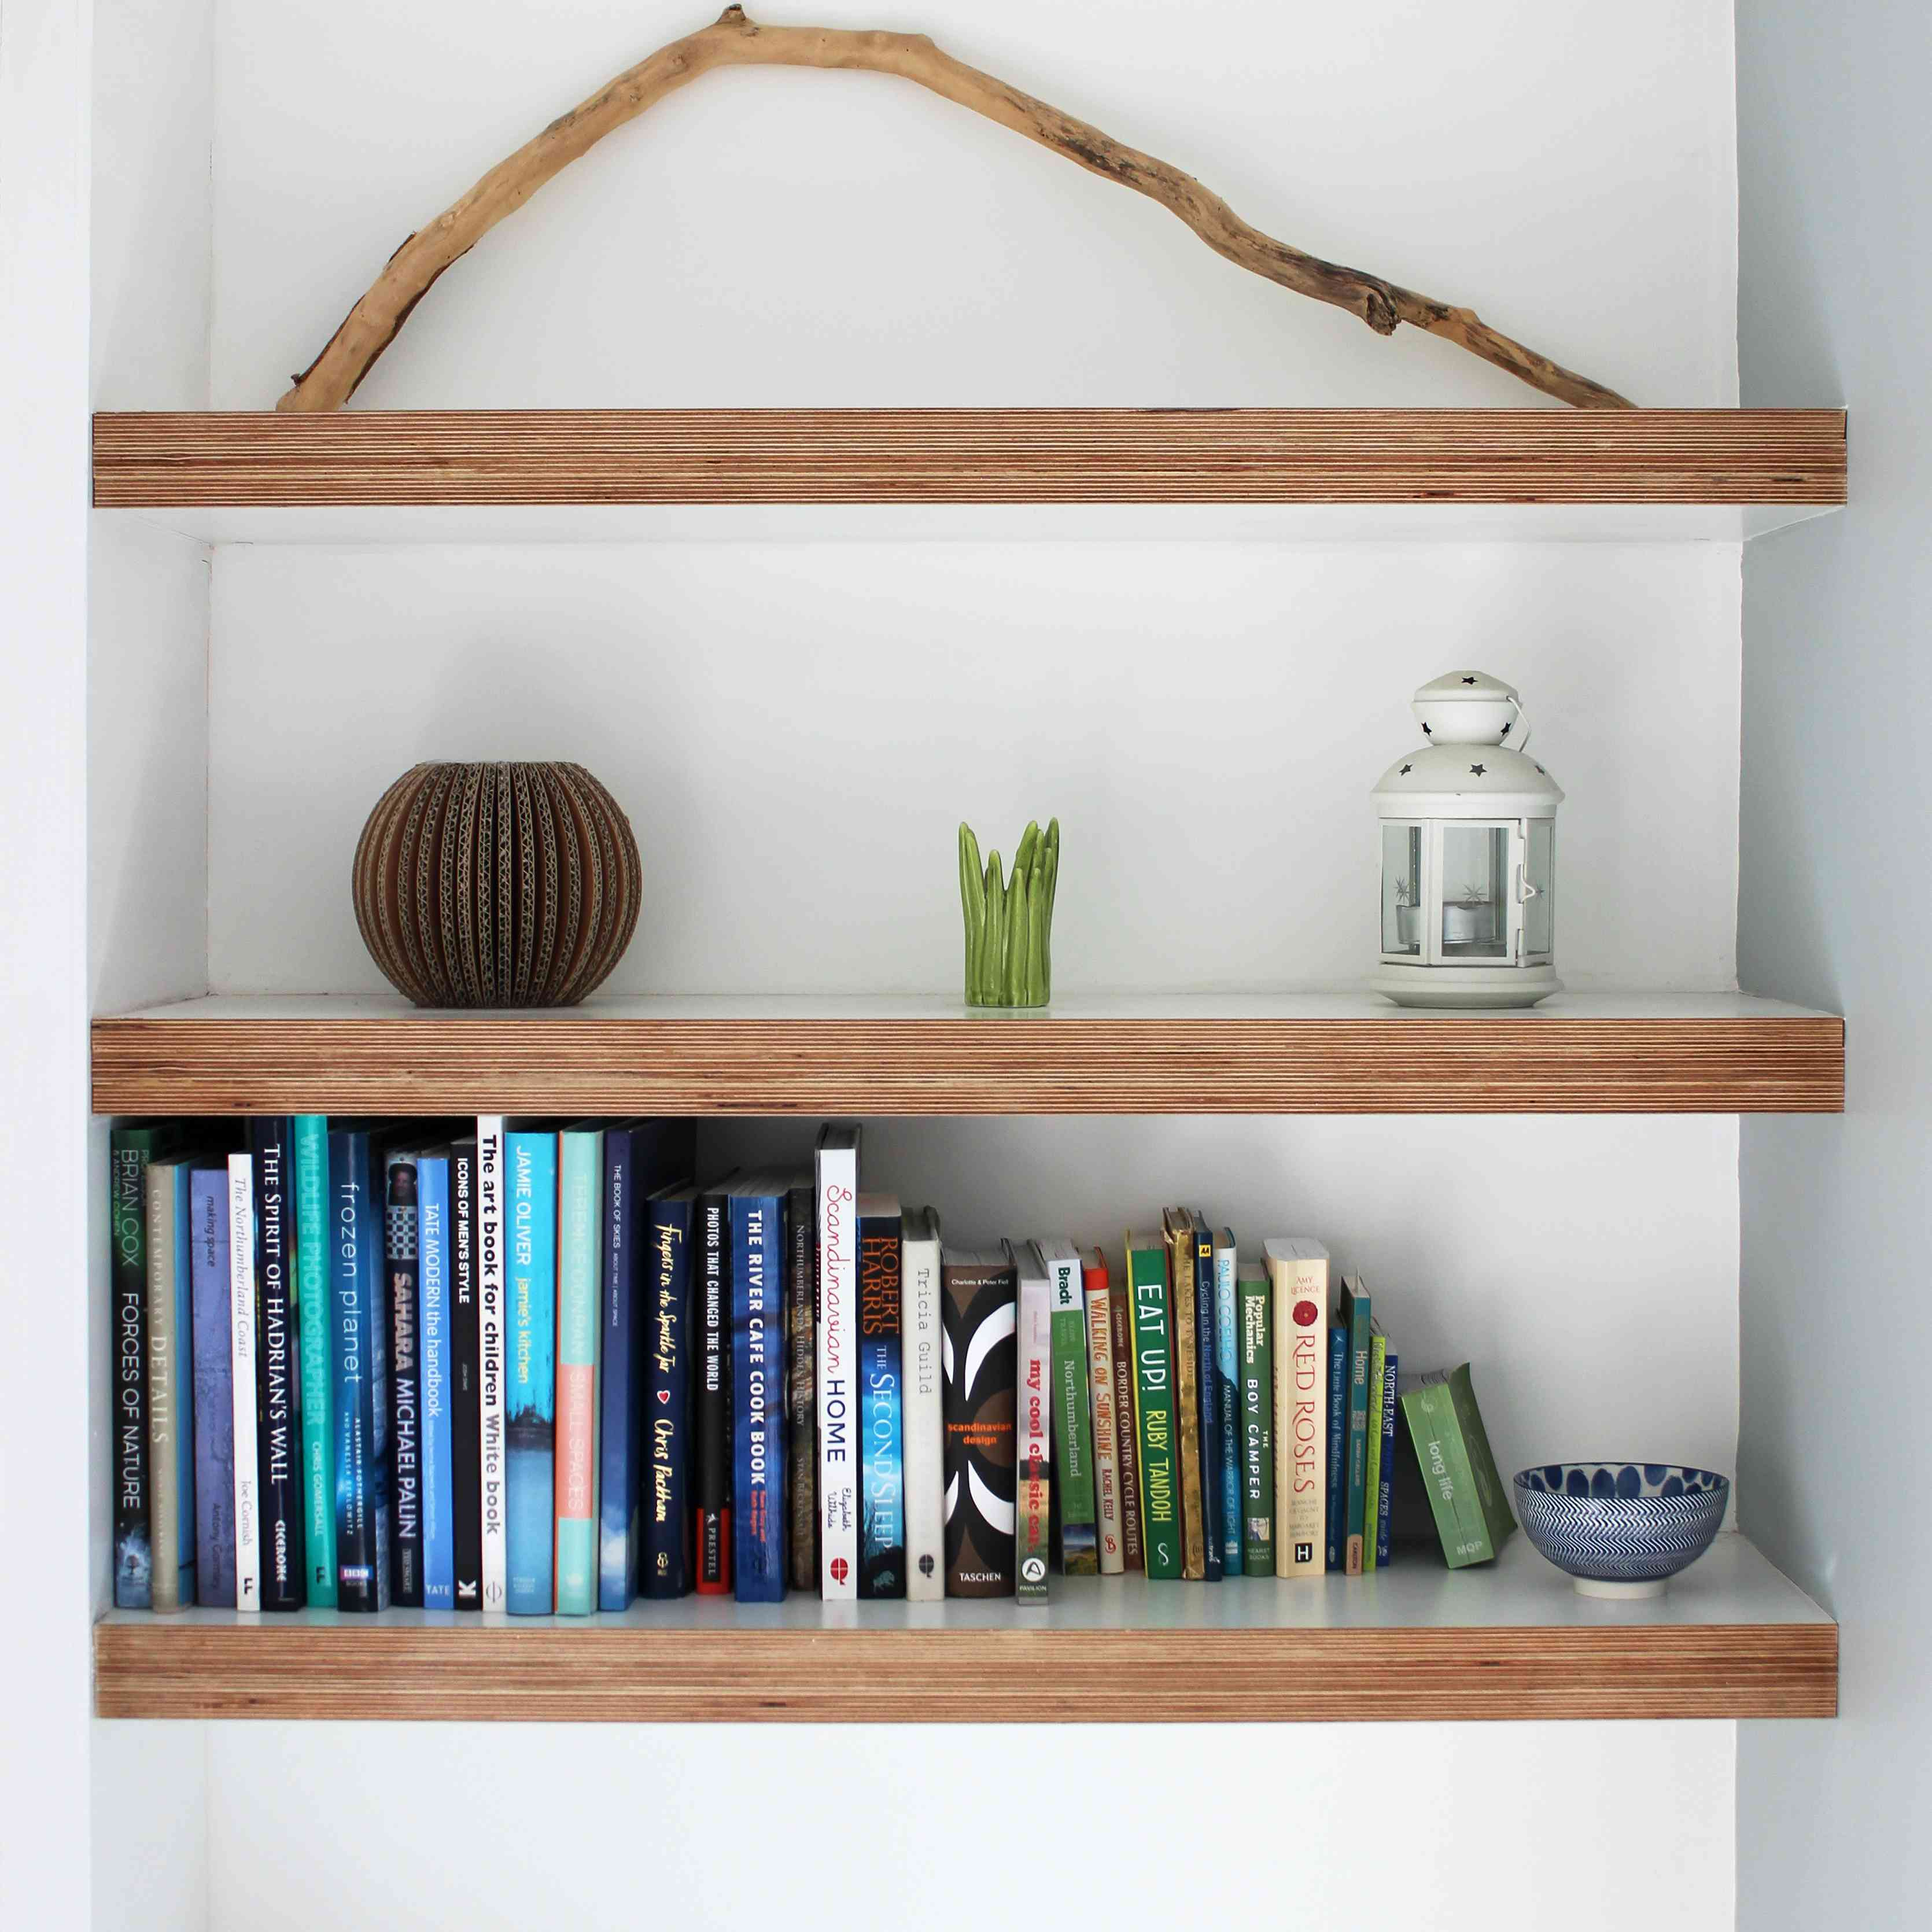 Book shelves in modern living room